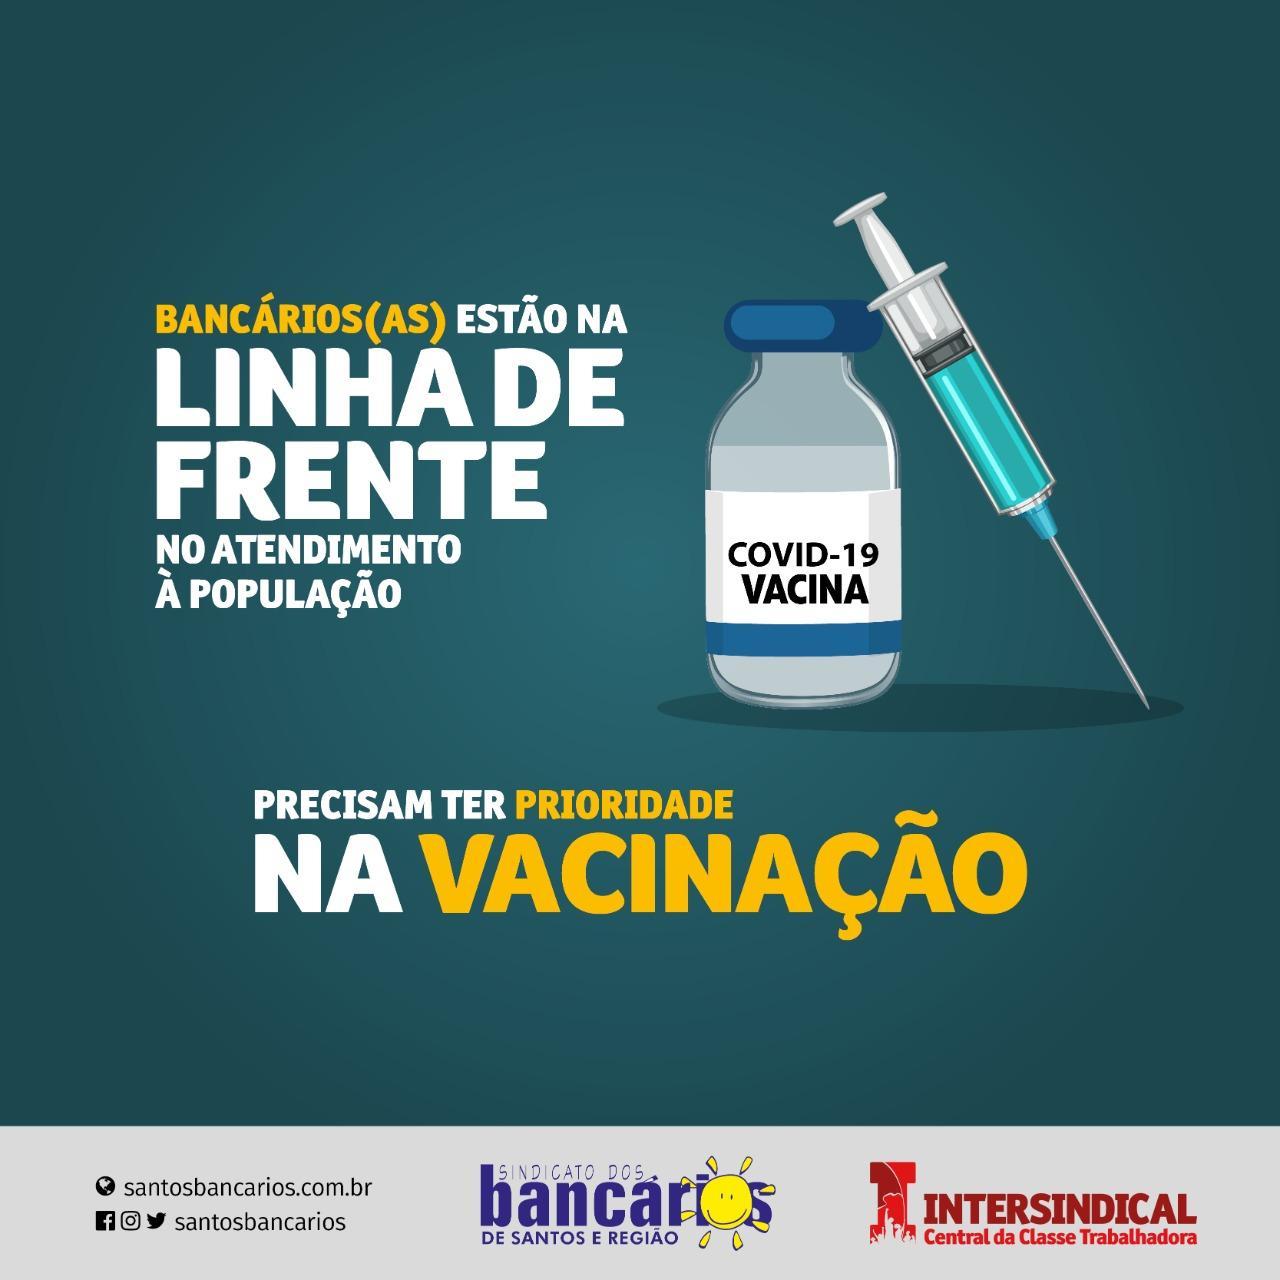 Bancários devem ter prioridade na vacinação!